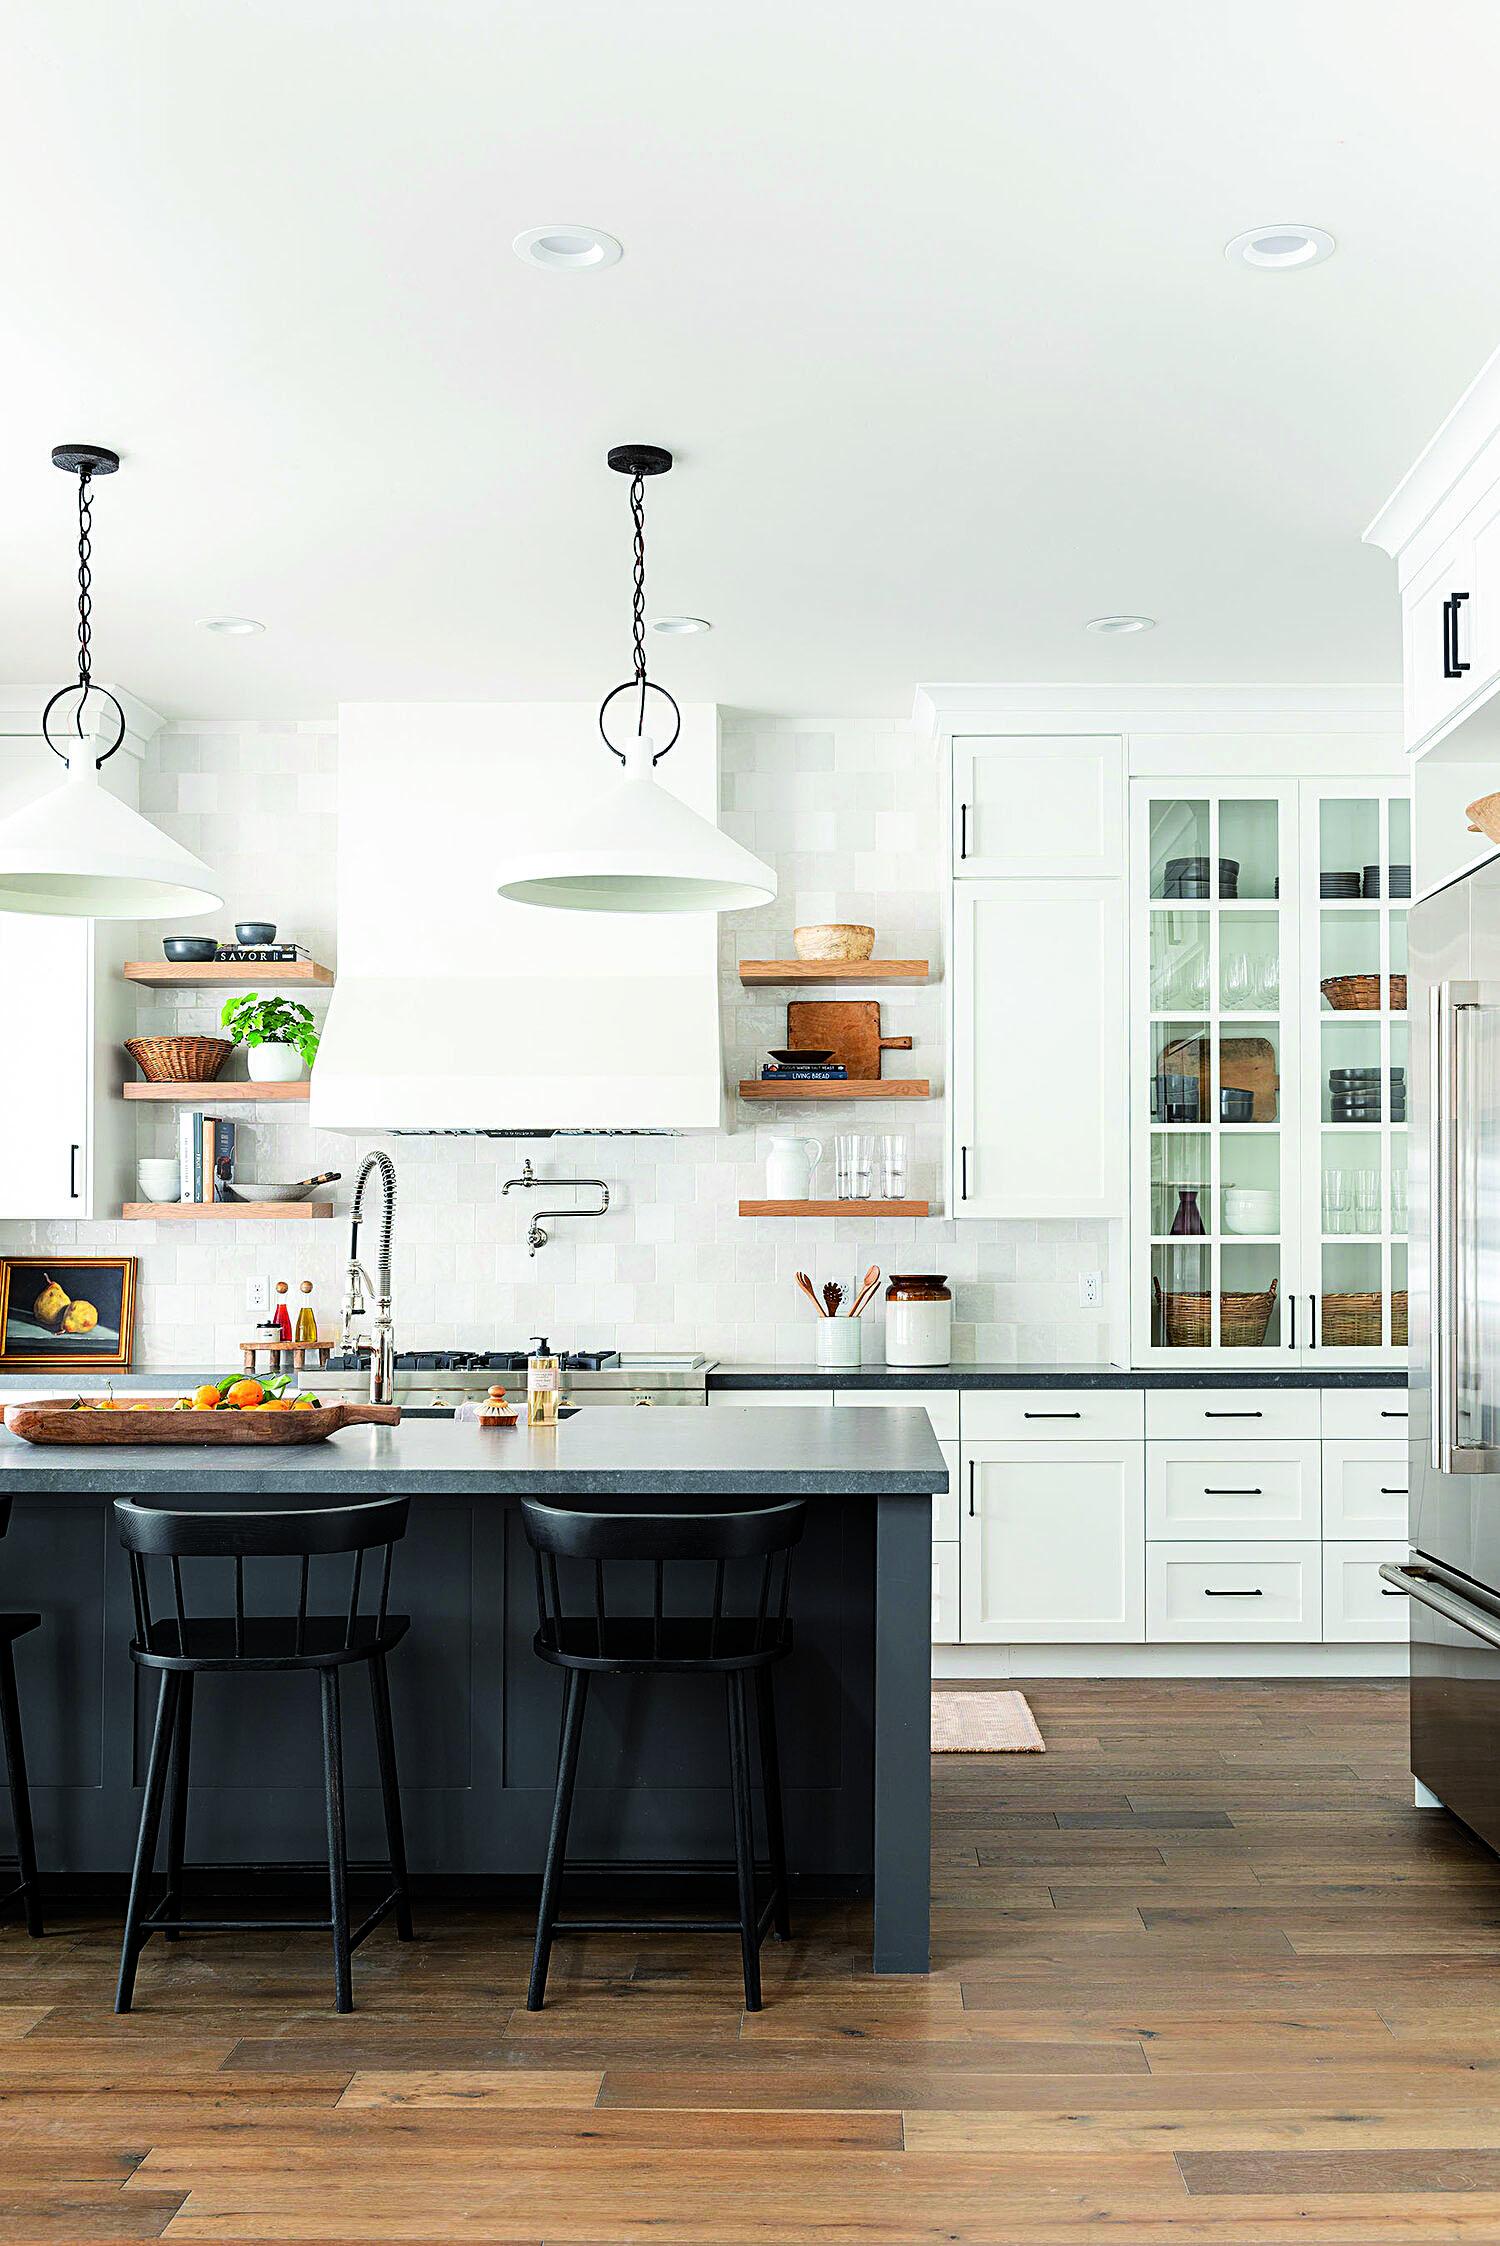 Biela kuchyňa s čiernym pultom a drevenou podlahou